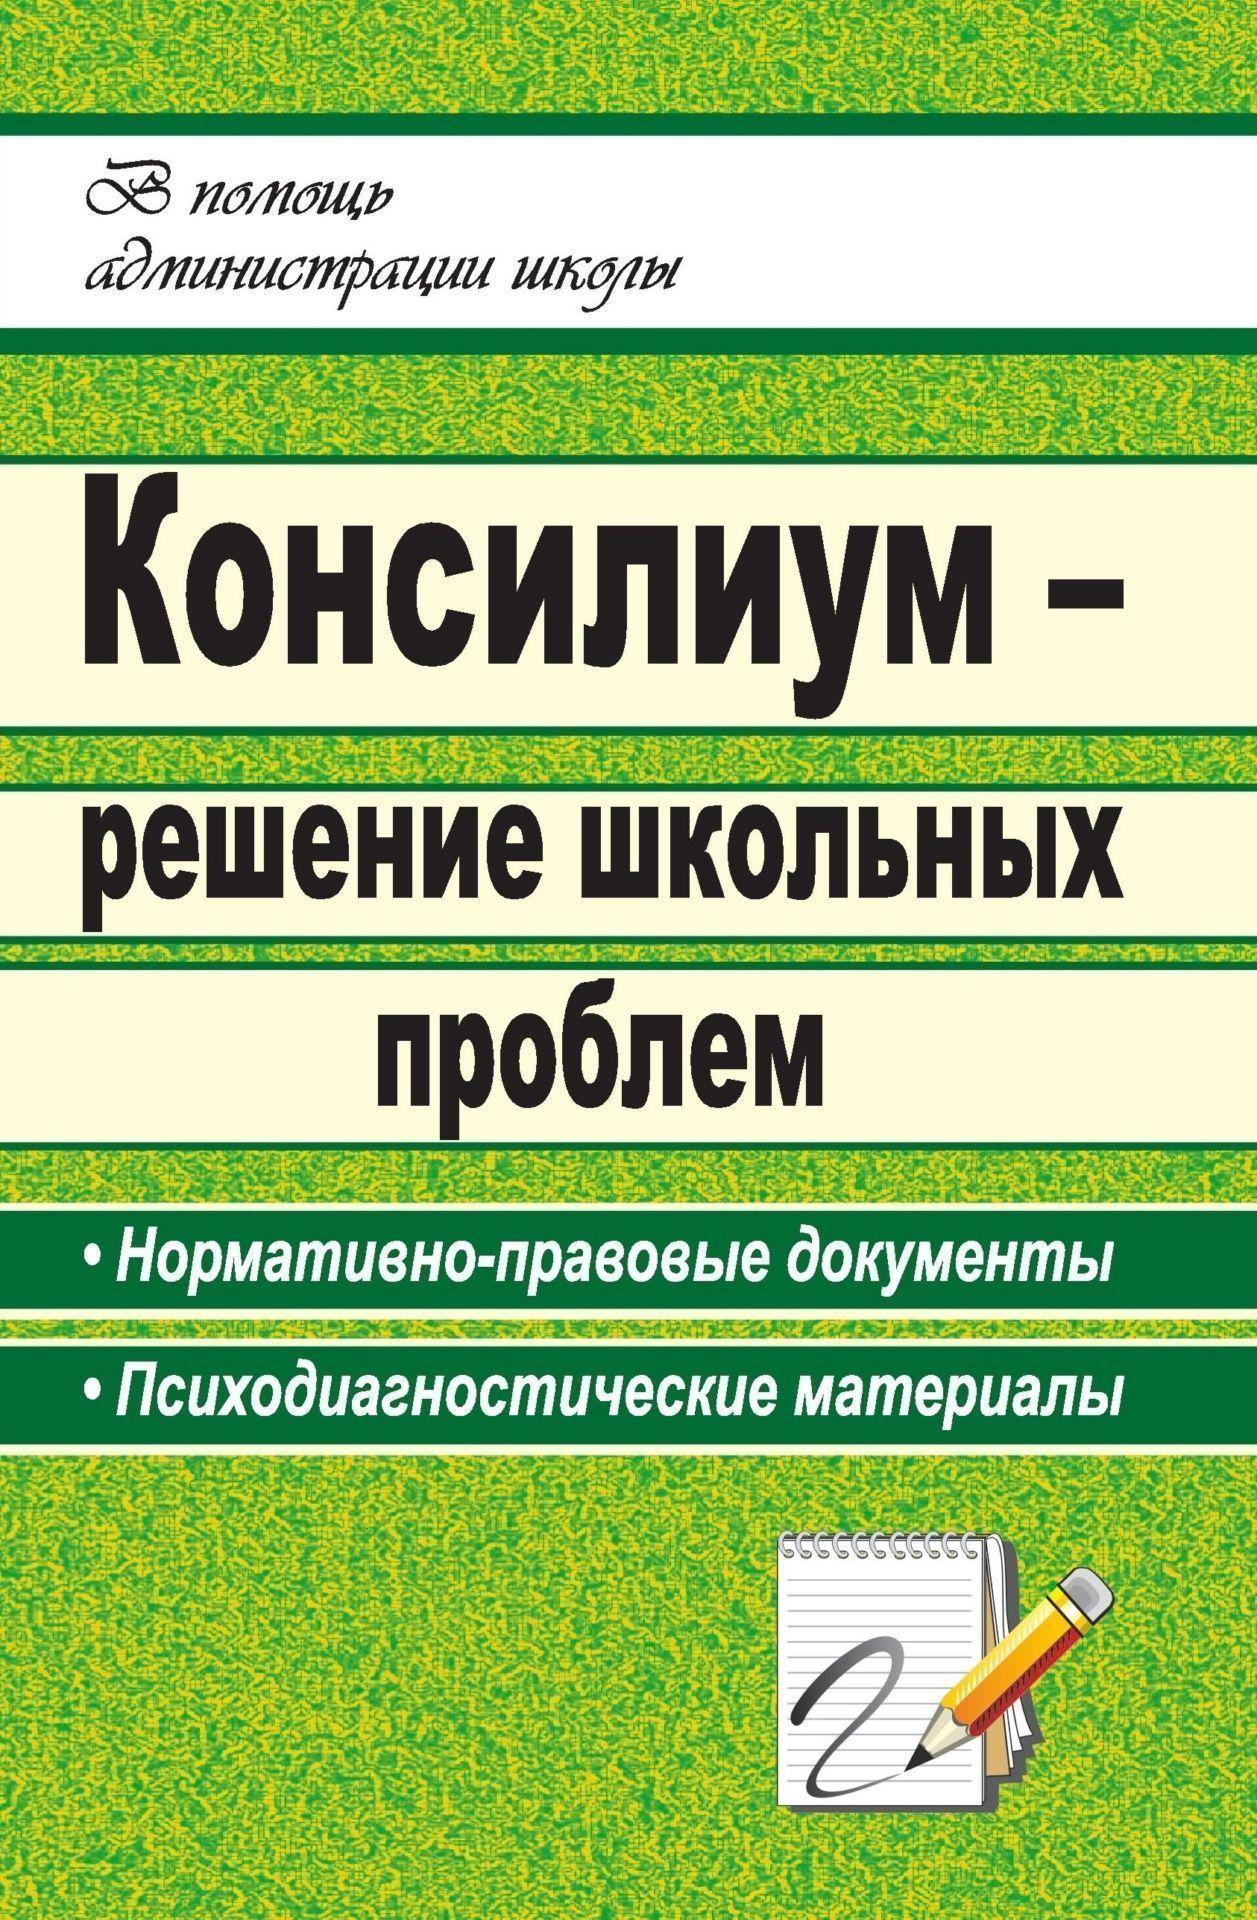 Консилиум - решение школьных проблем: нормативно-правовые документы, психодиагностические материалы